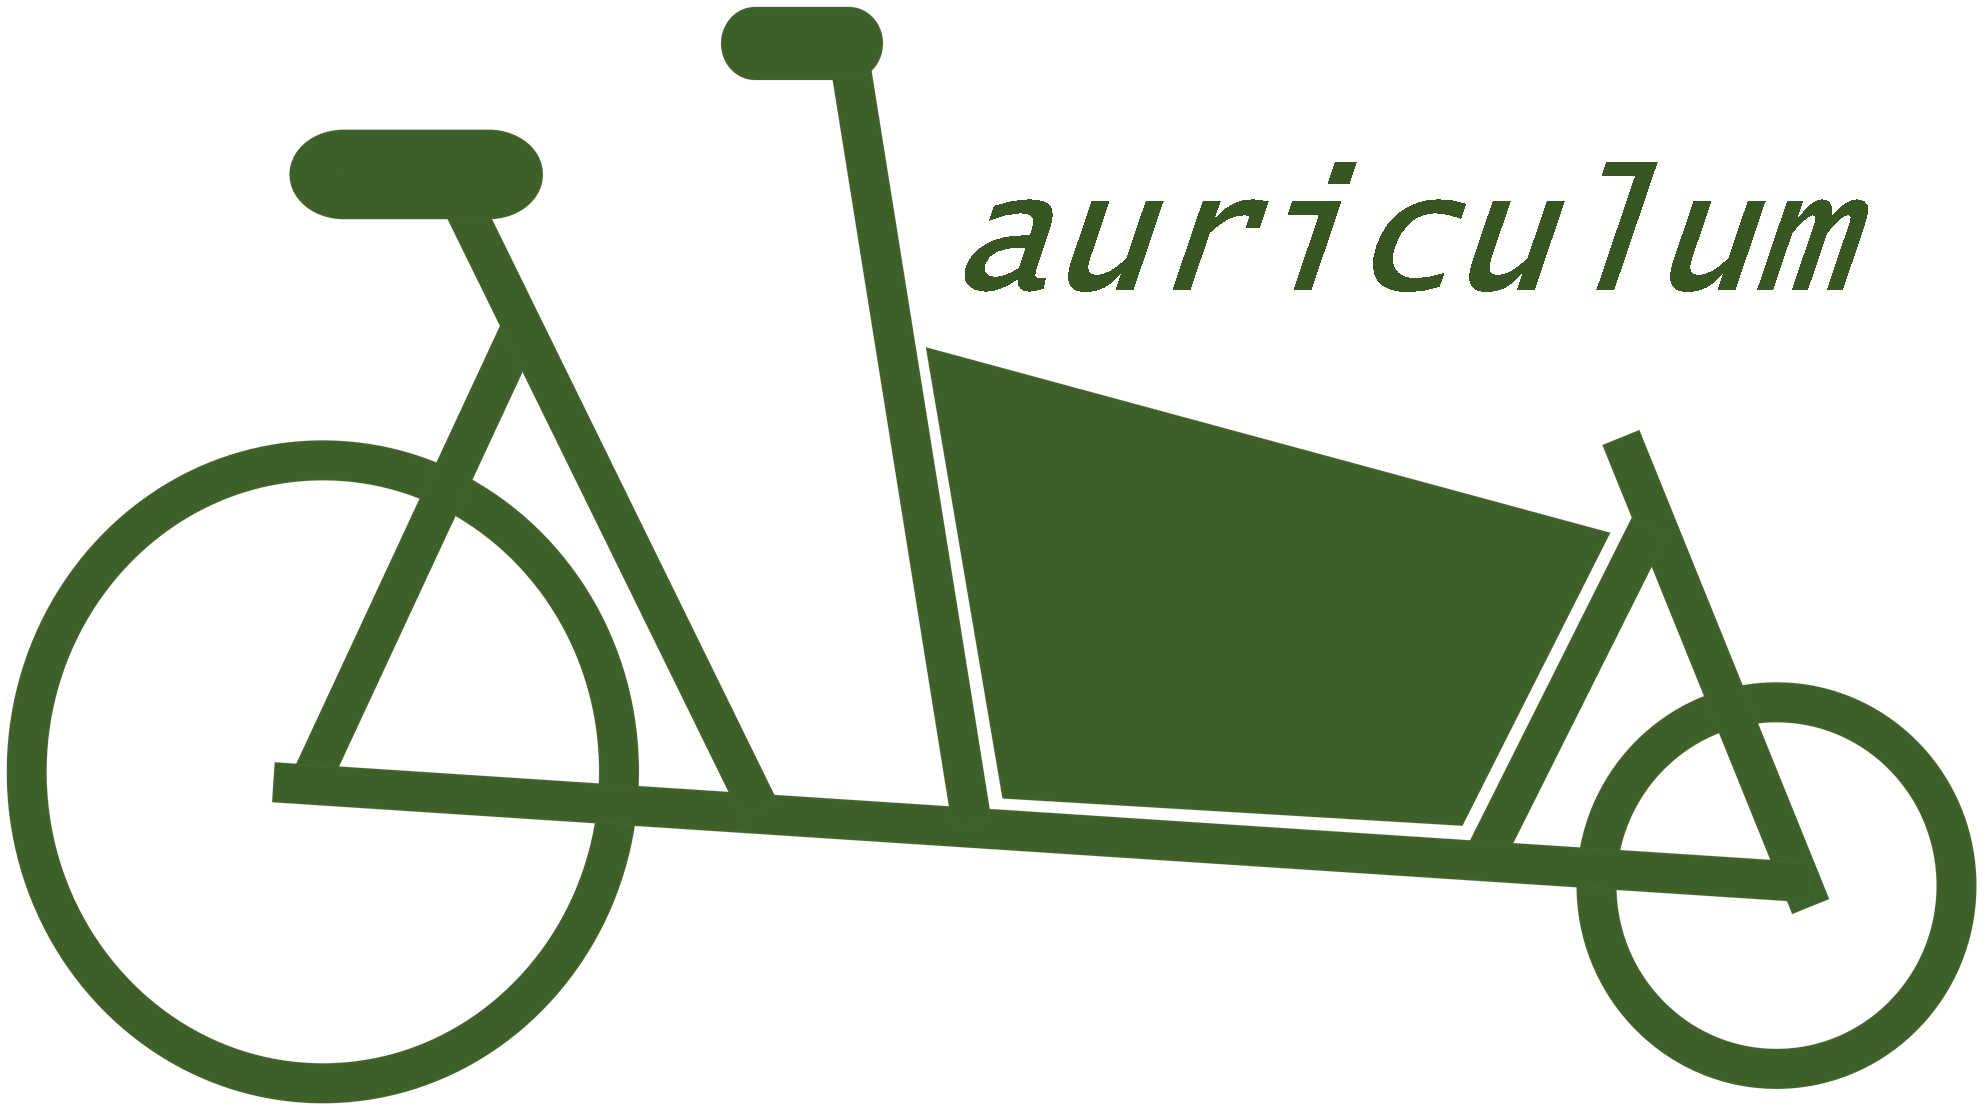 Auriculum klein.jpg